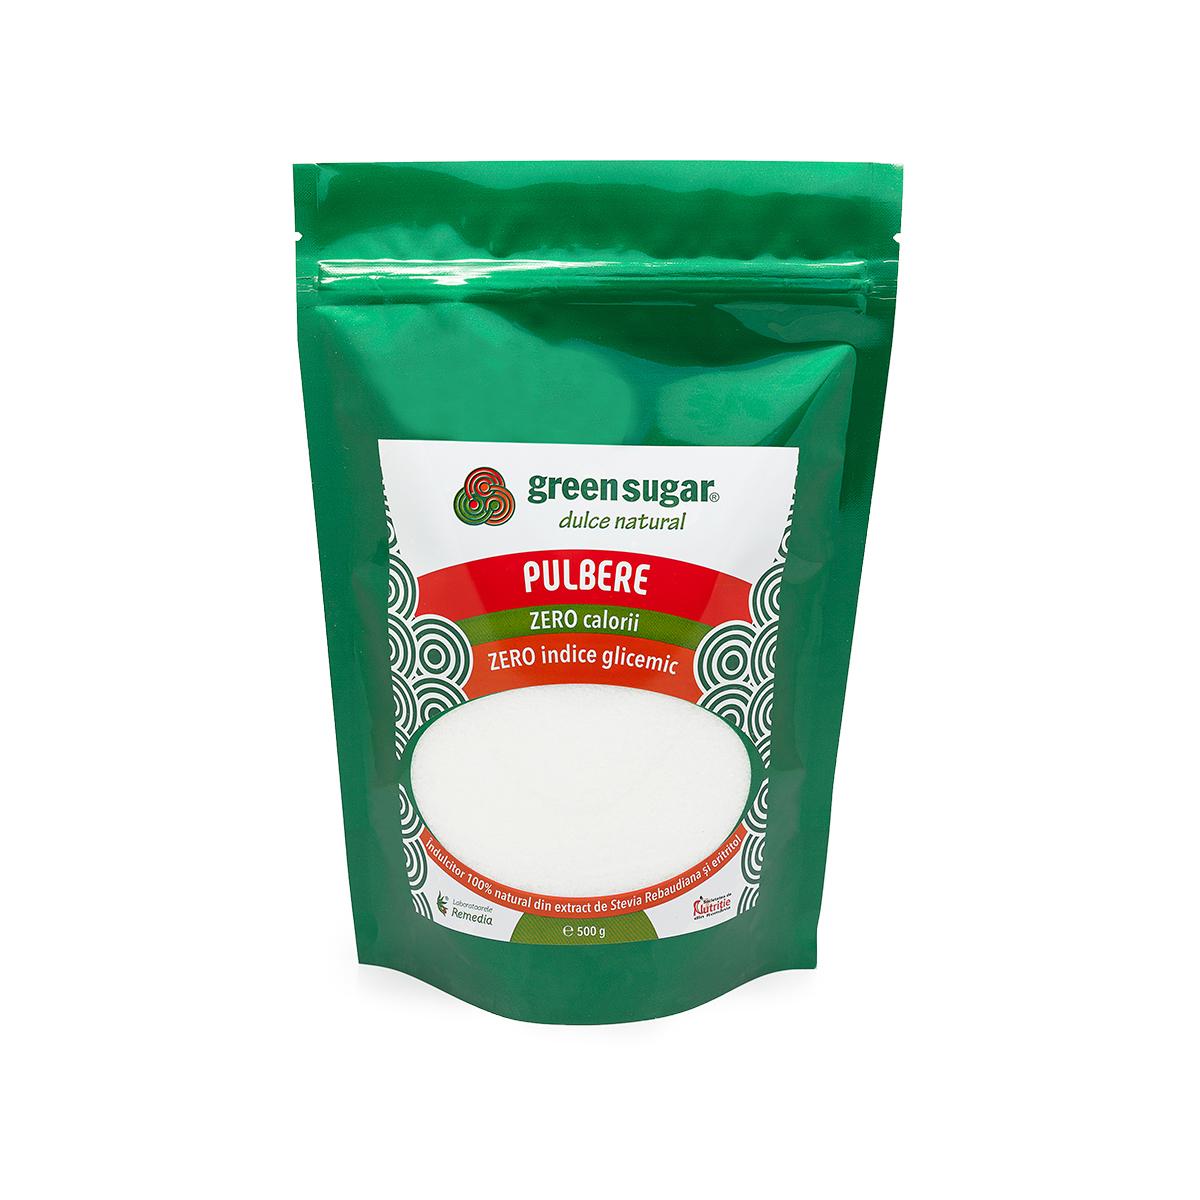 Îndulcitor pulbere Green Sugar, 500g, Remedia